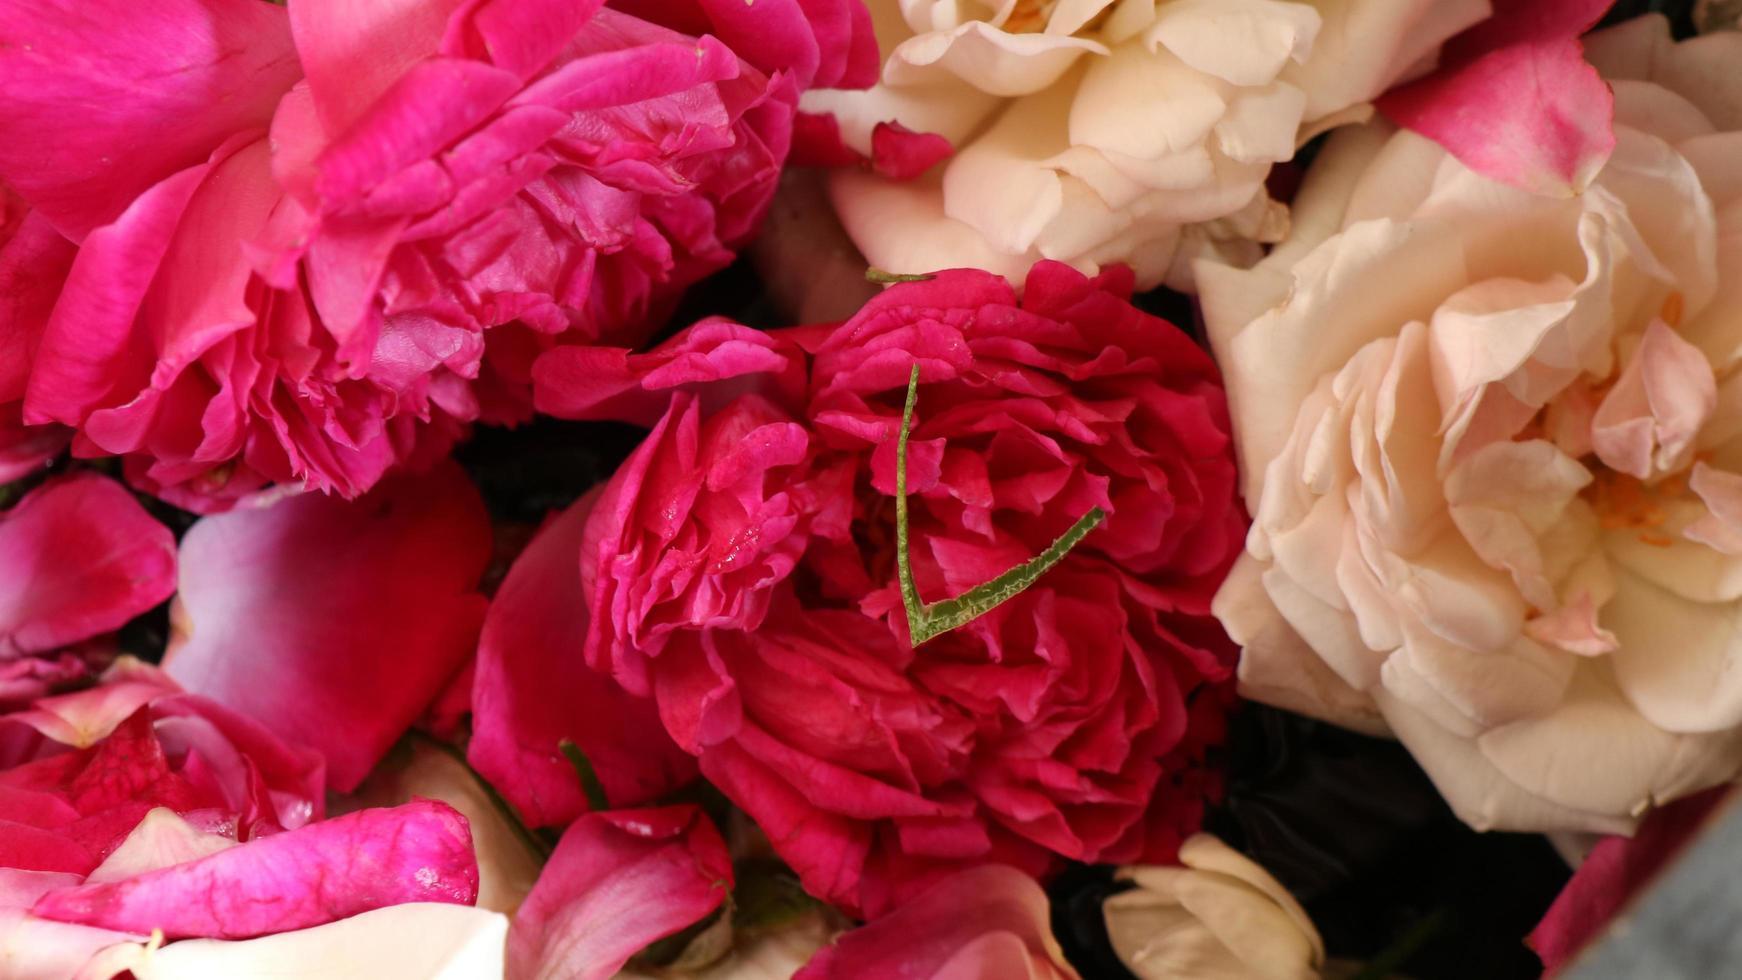 le rose rosse da vicino vengono utilizzate per eventi tradizionali foto